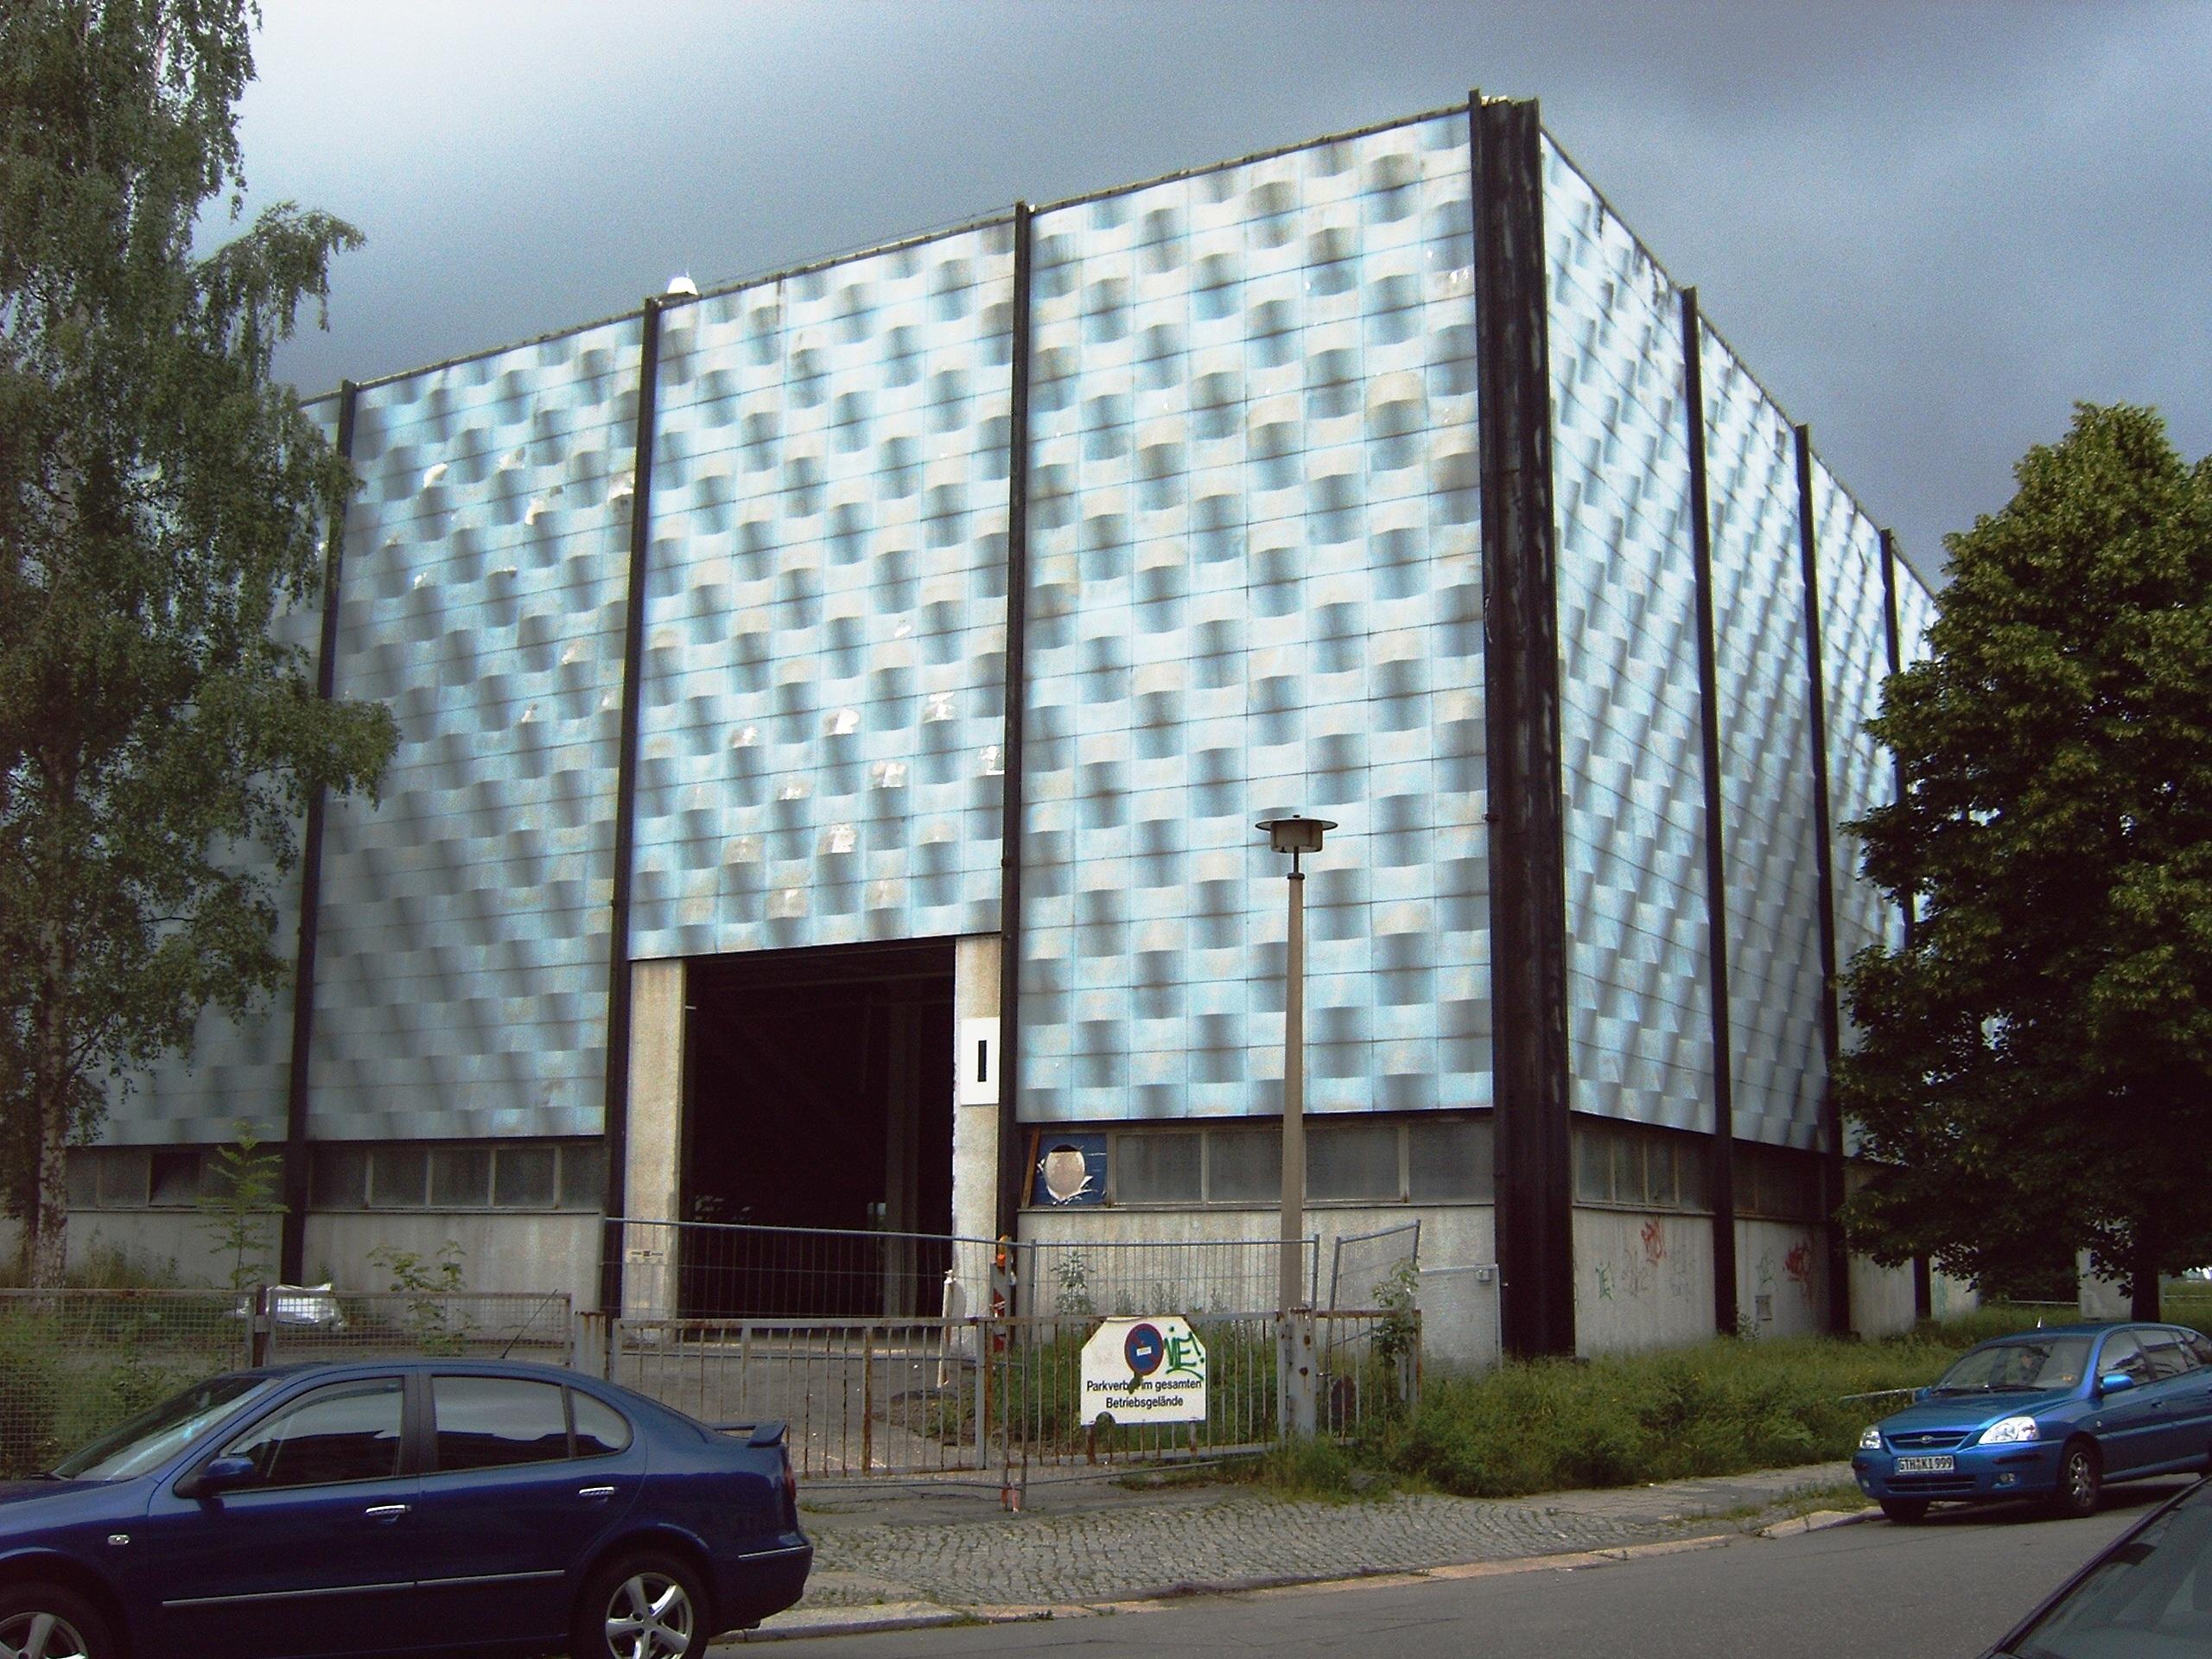 Schlossteichhallen